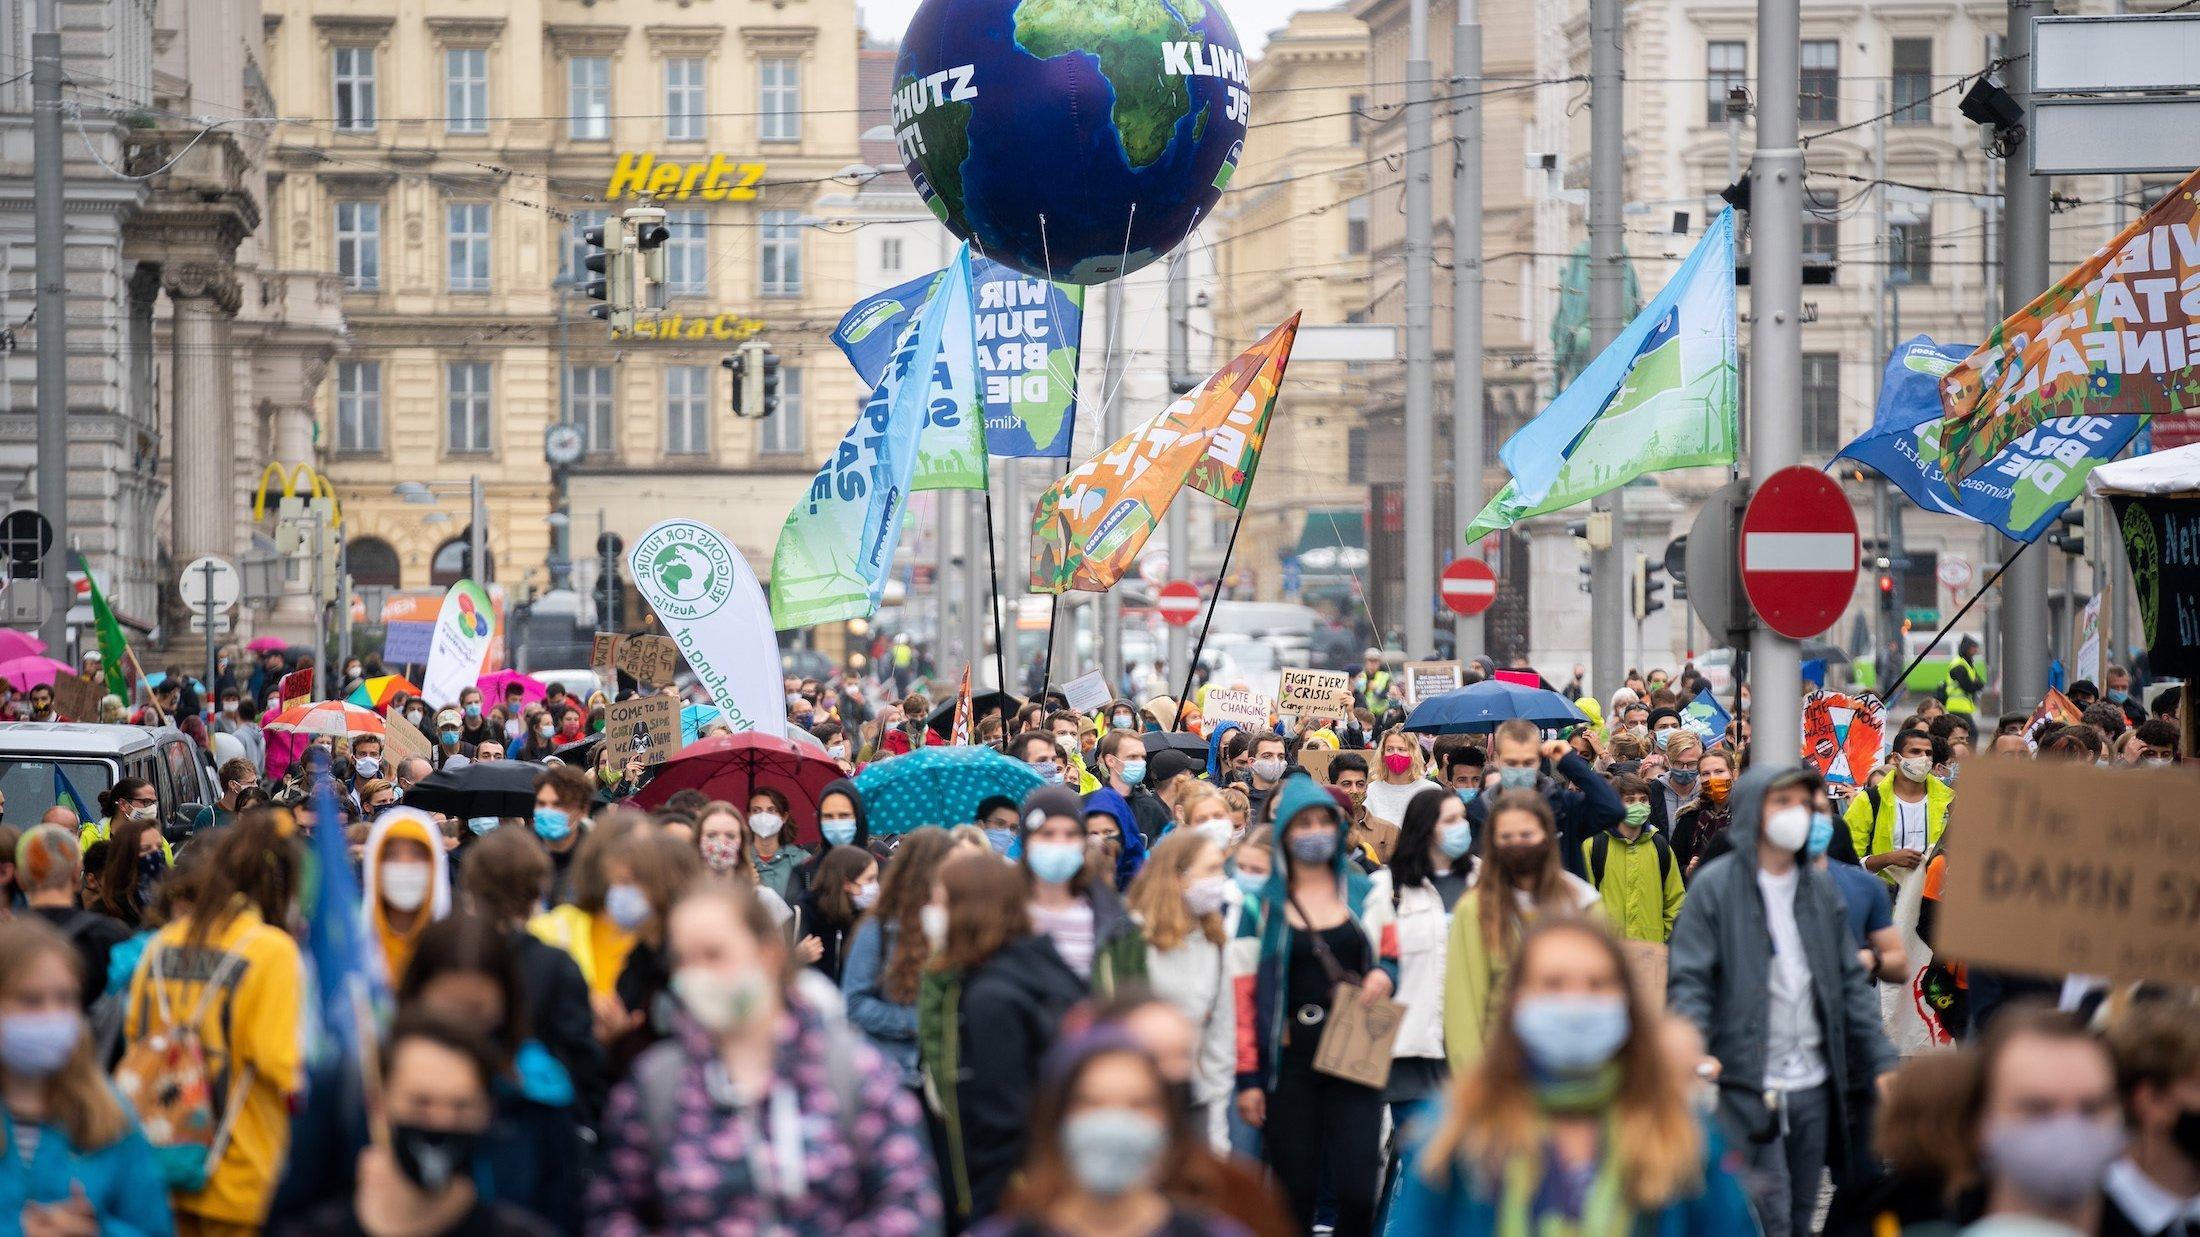 Dargestellt ist eine große Menschenmenge, die sich mit Bannern und Plakaten durch die Innenstadt von Wien bewegt. Auch eine aufblasbare Erdkugel haben die Demonstranten von Fridays for Future dabei. Im Gegensatz zu den Querdenkern tragen sie Gesichtsmasken.